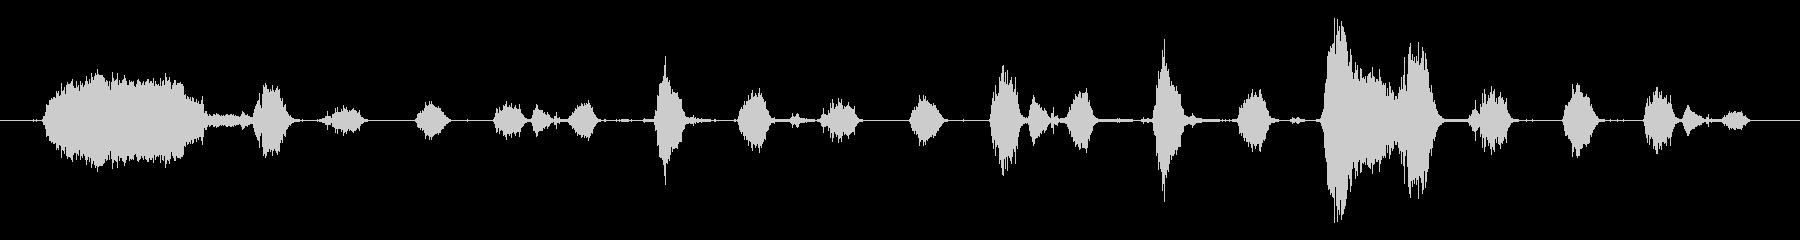 ジャイアントビースト:Ro音と息を...の未再生の波形